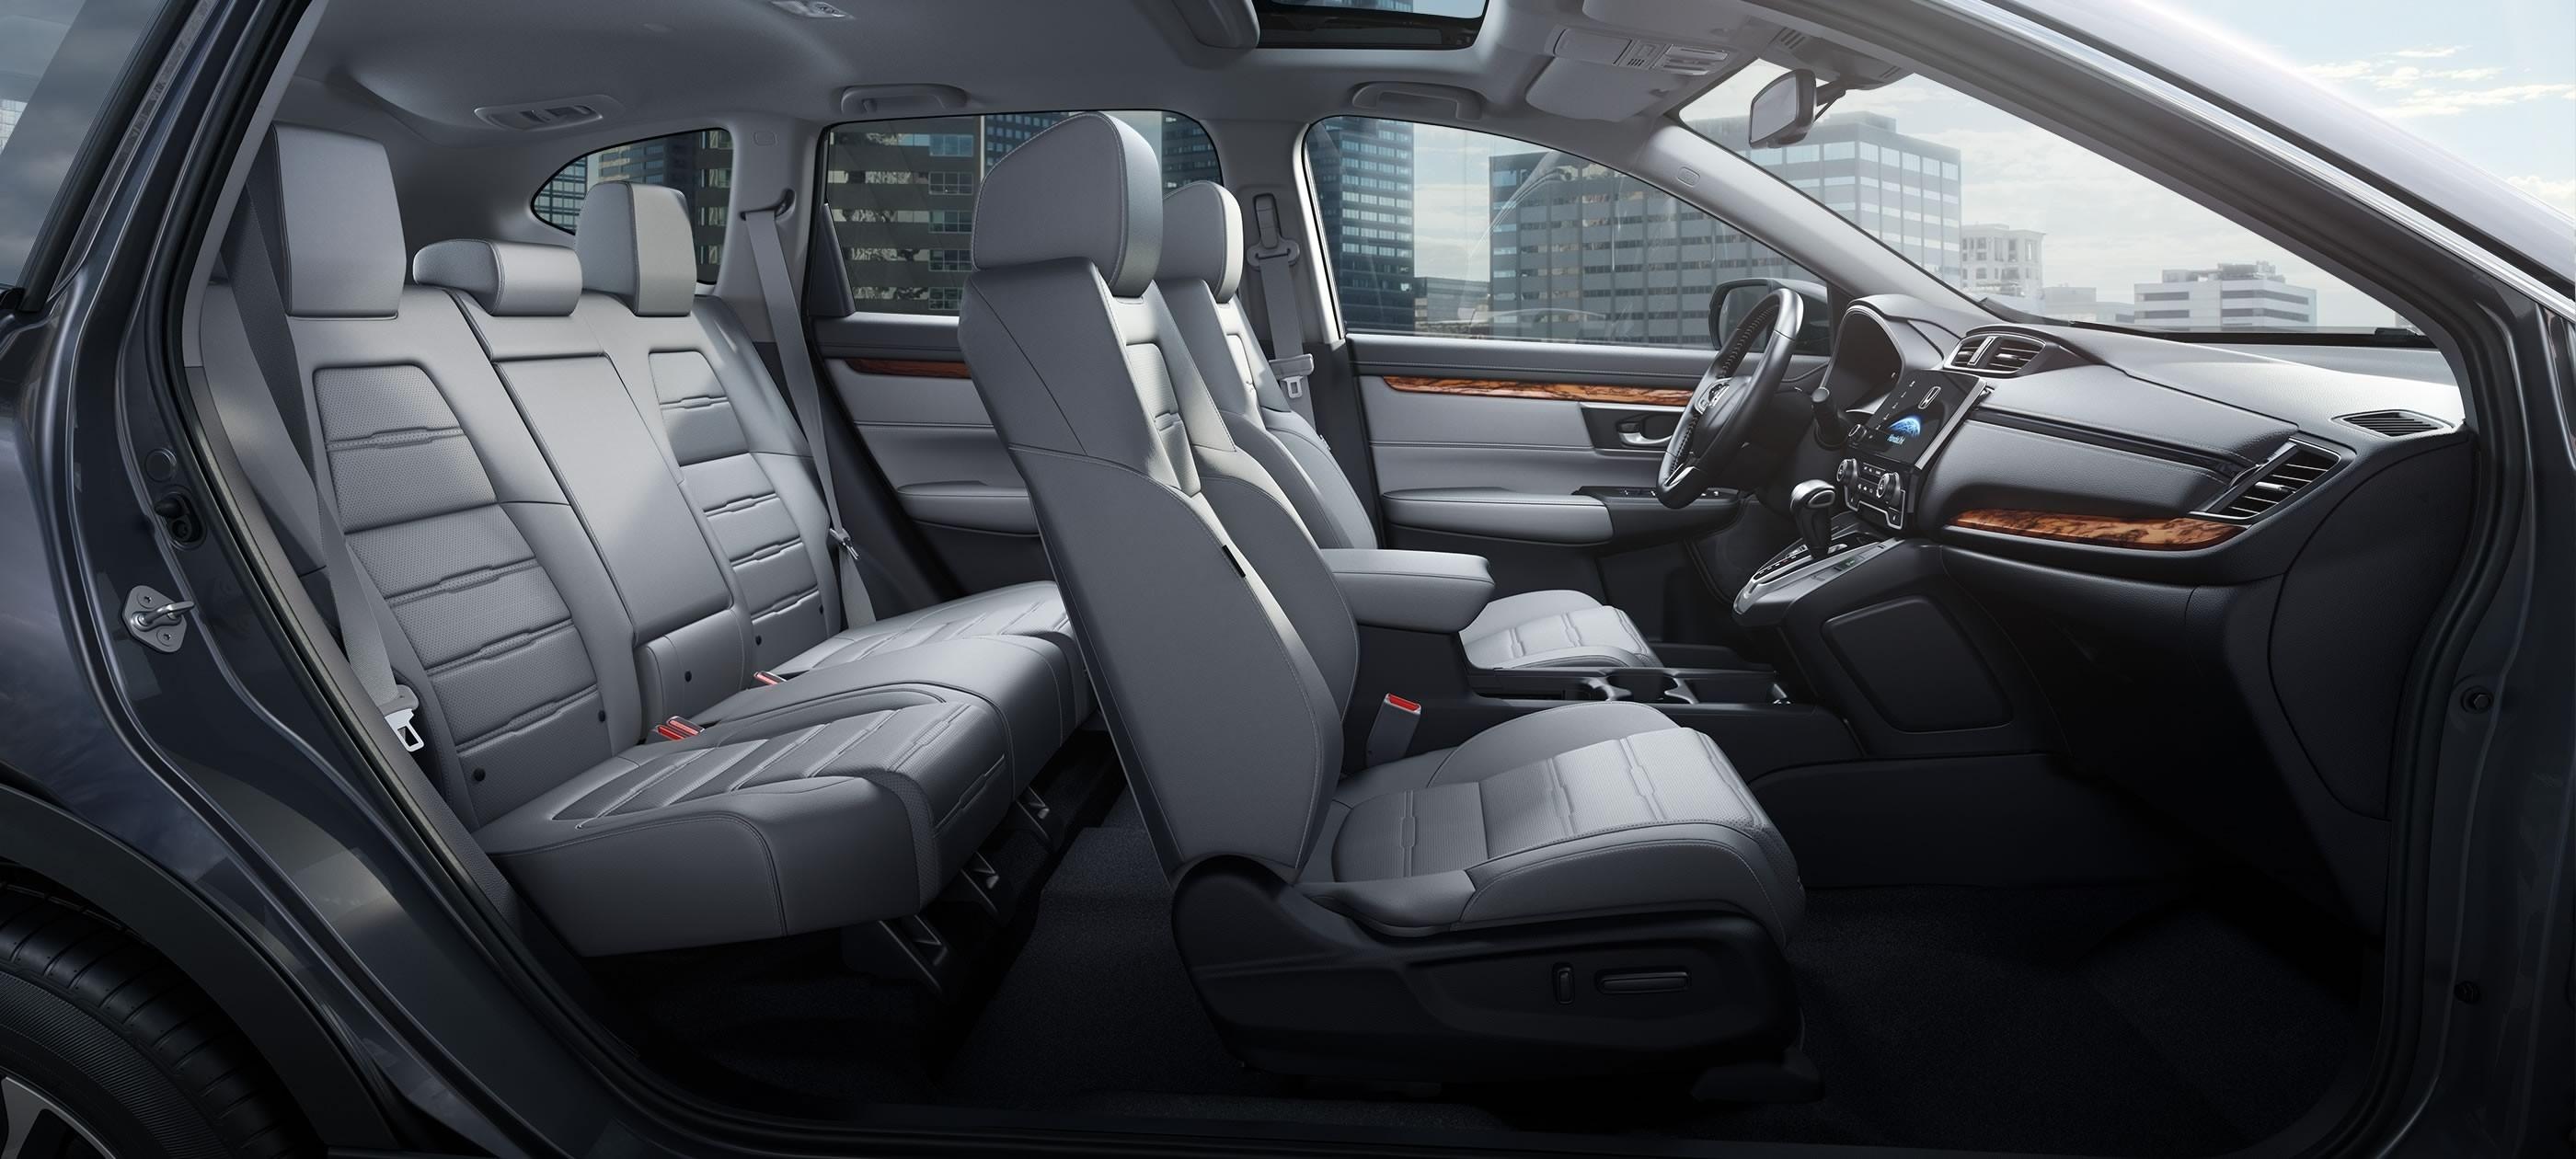 2017 Honda CR-V EX-L Seating Interior